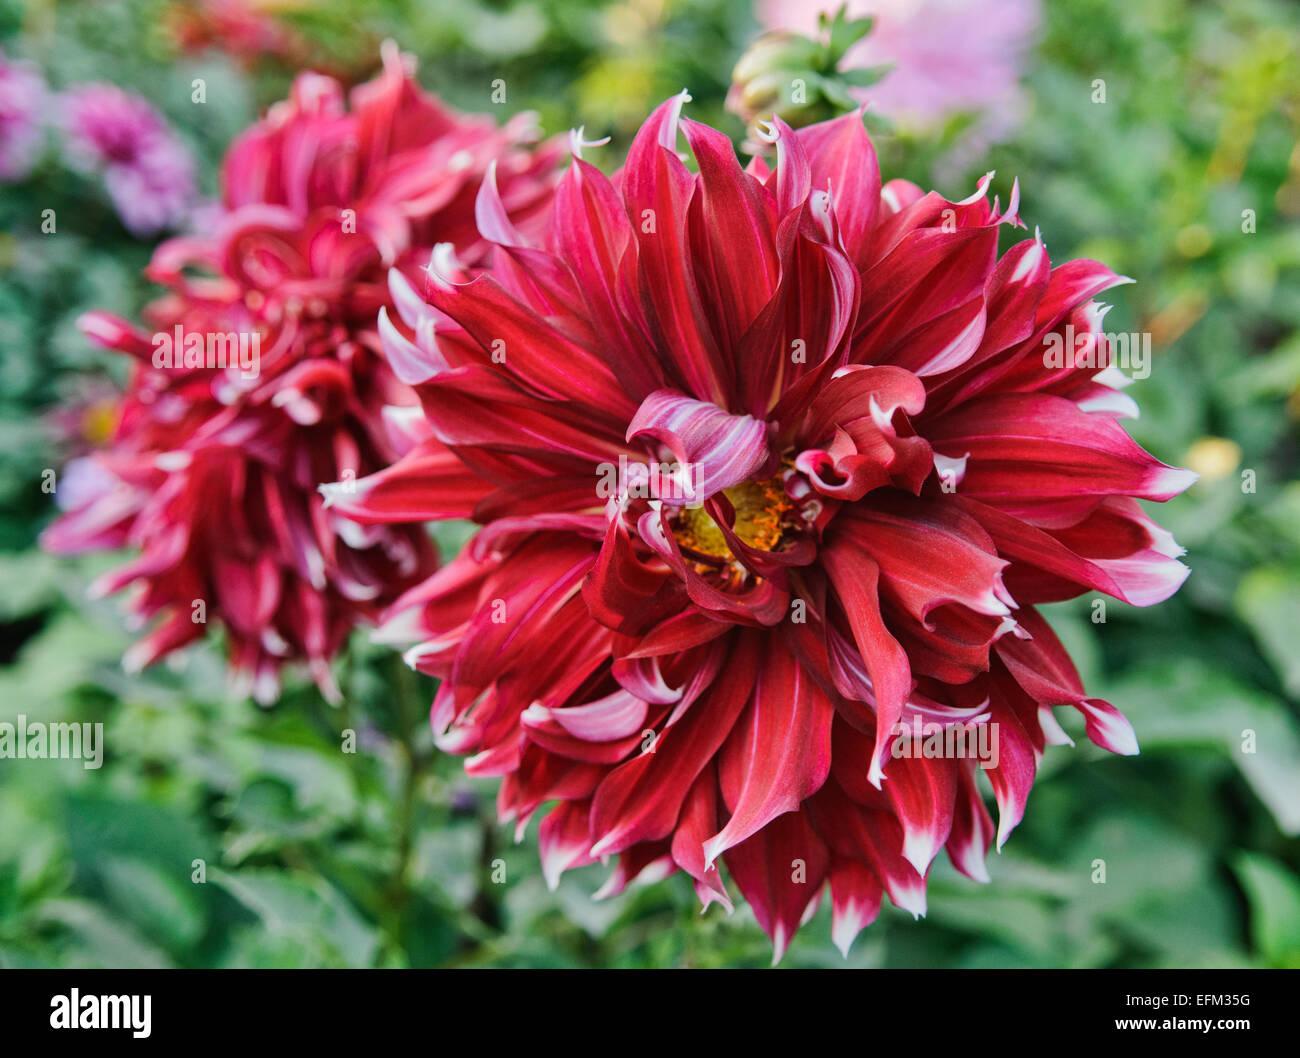 Beautiful Red Dahlia Flower Stock Photo 78502860 Alamy